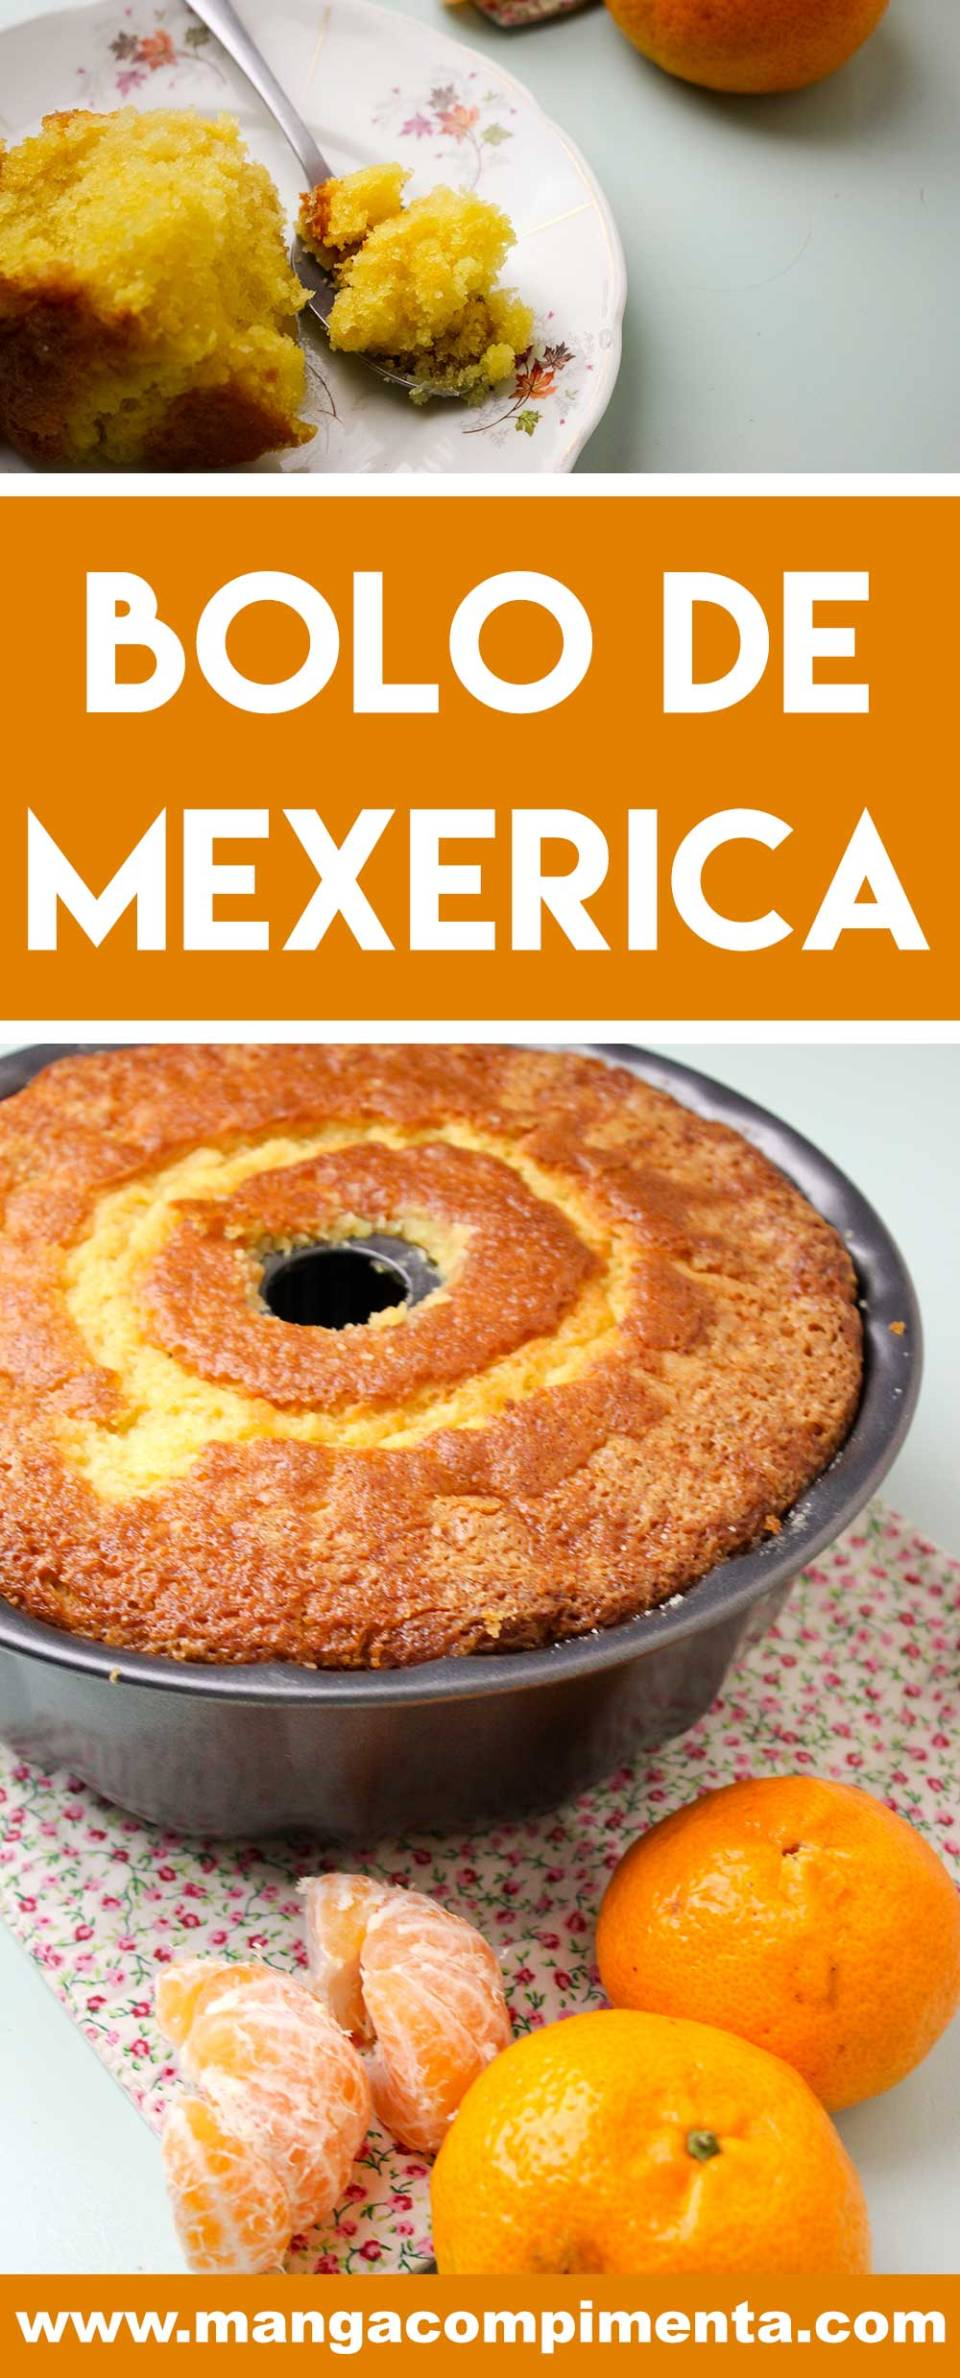 Receita de Bolo de Mexerica - prepare um prato caseiro para o café da manhã ou lanche da tarde da família.